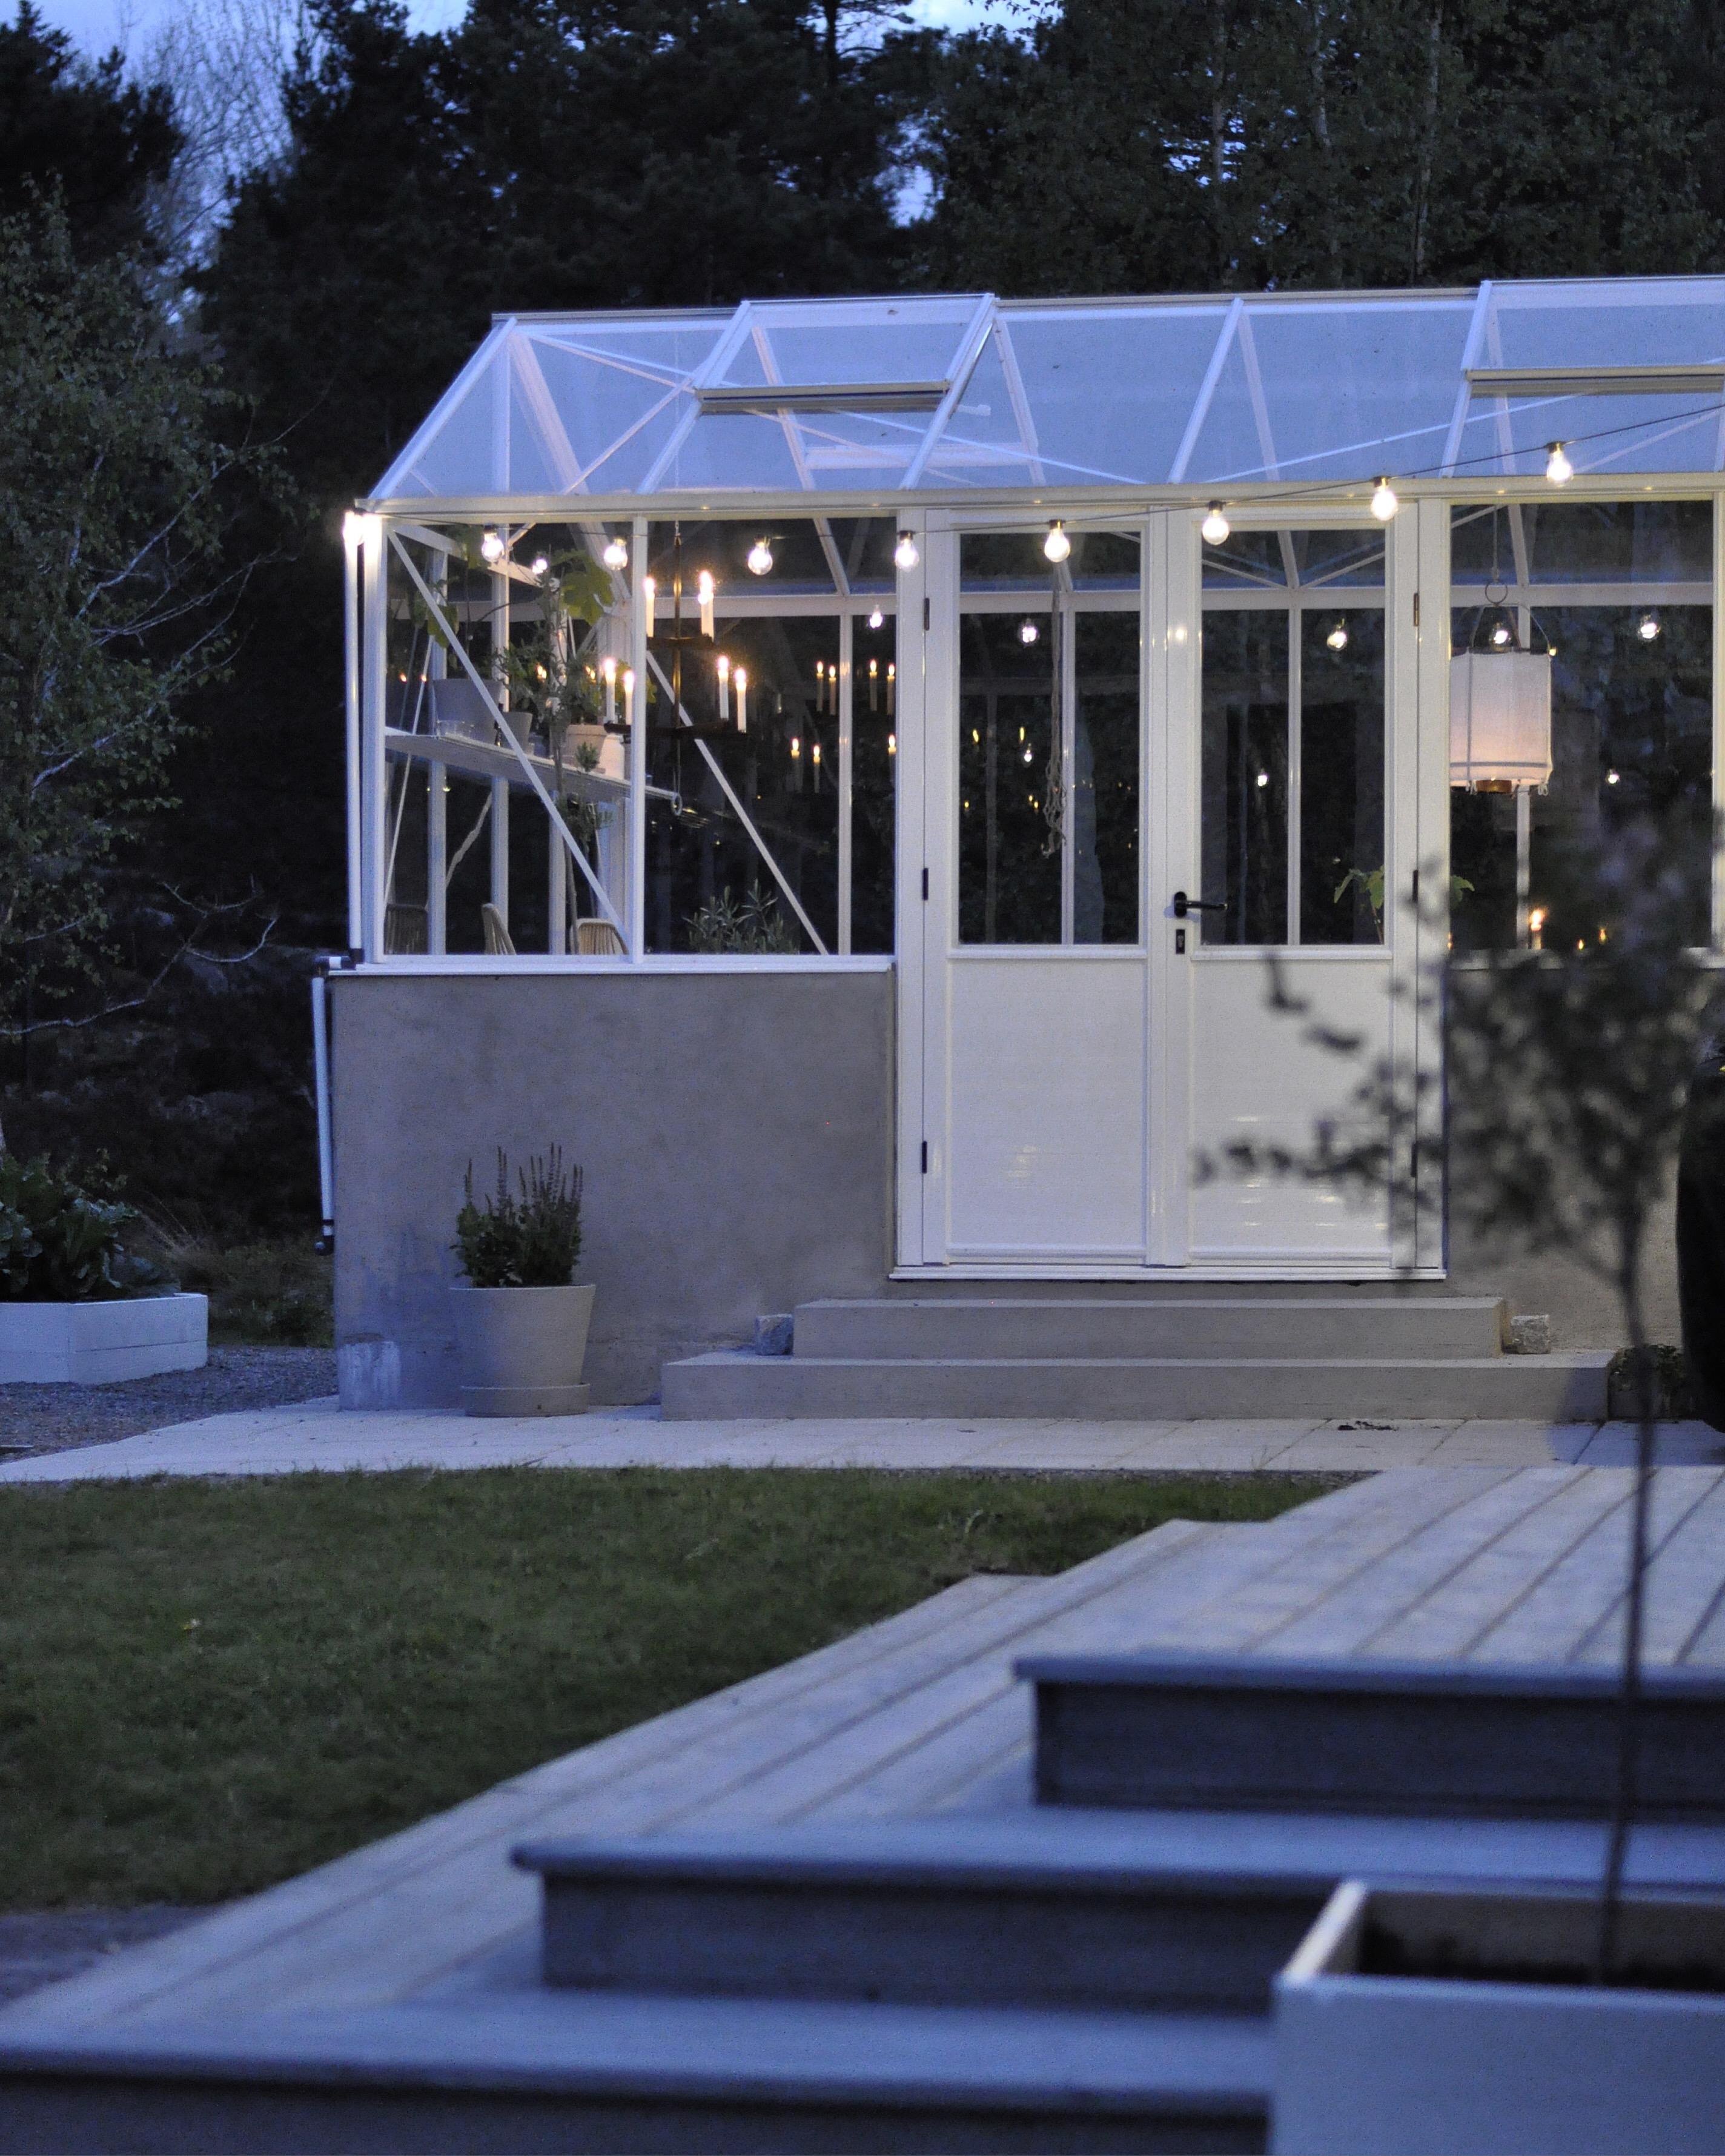 Drömmen om ett Växthus!